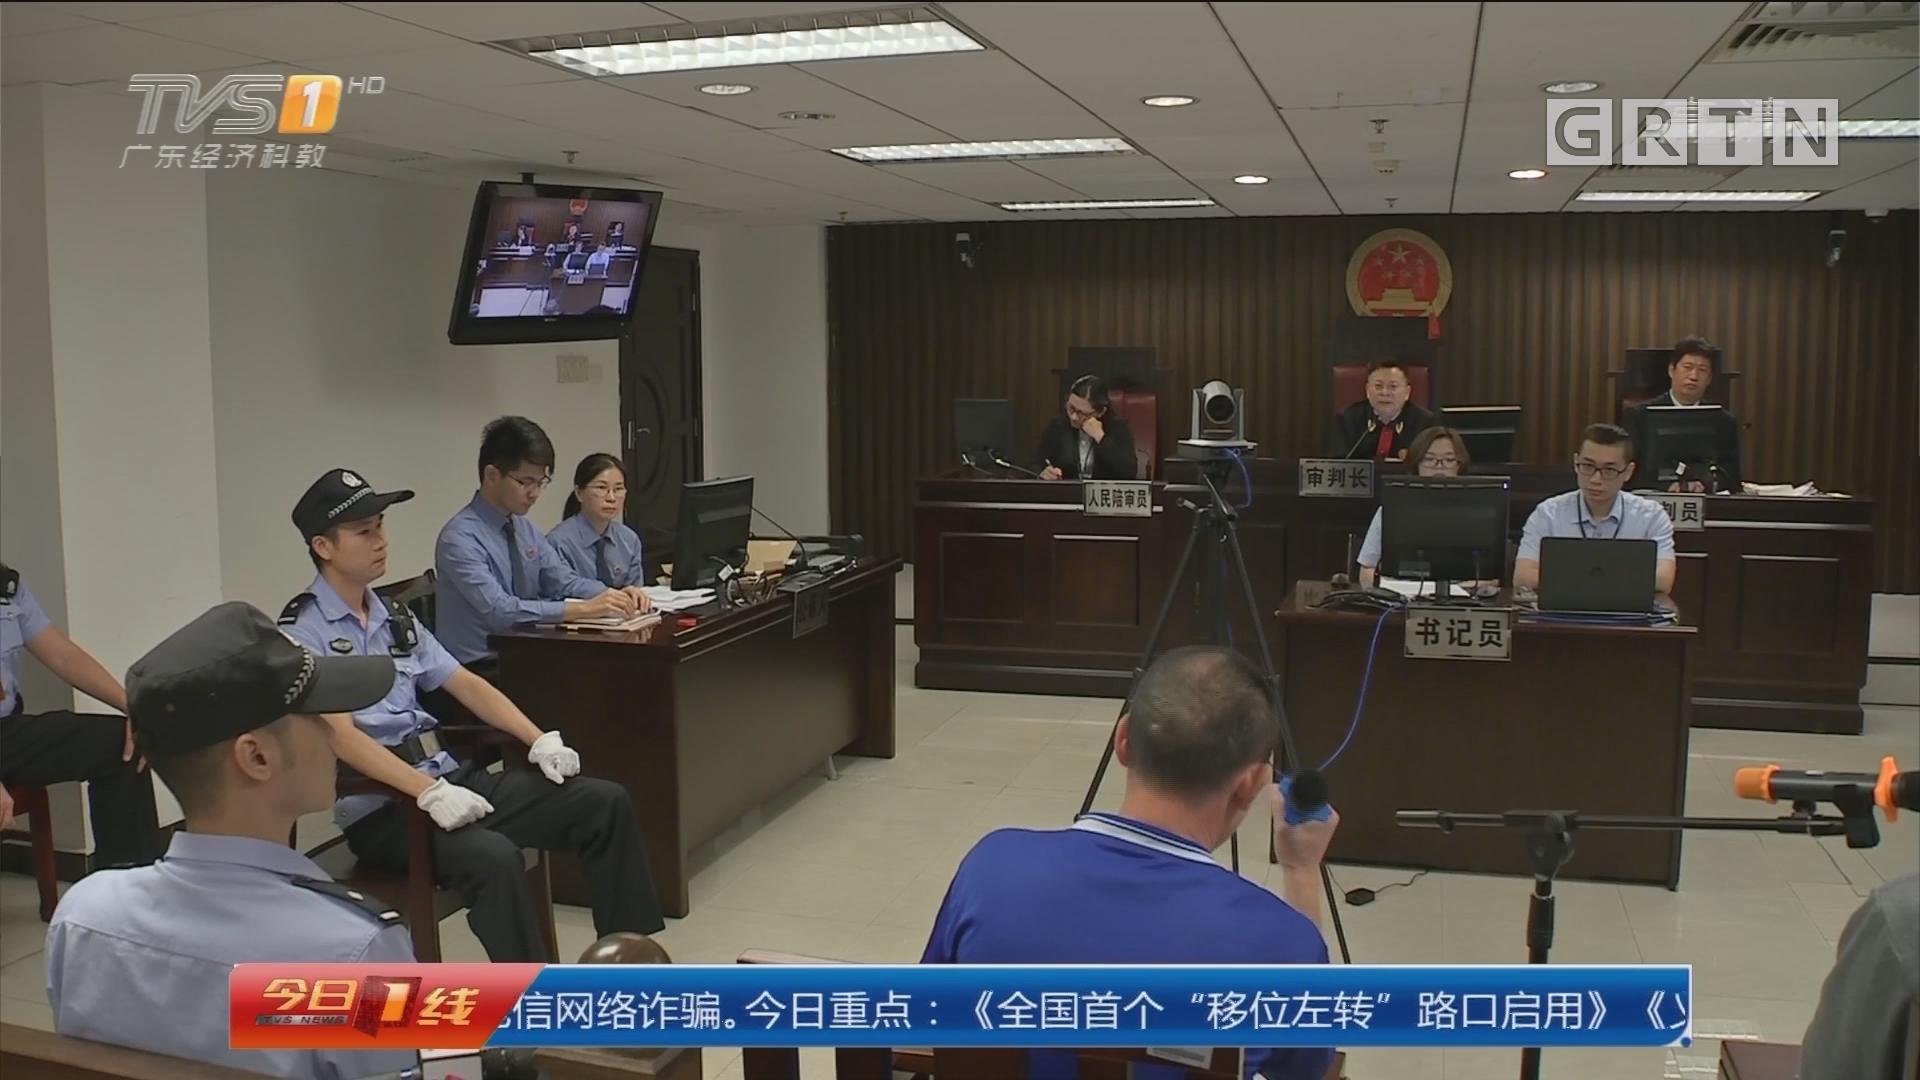 远程视频作证:全国首例 证人通过小程序出庭